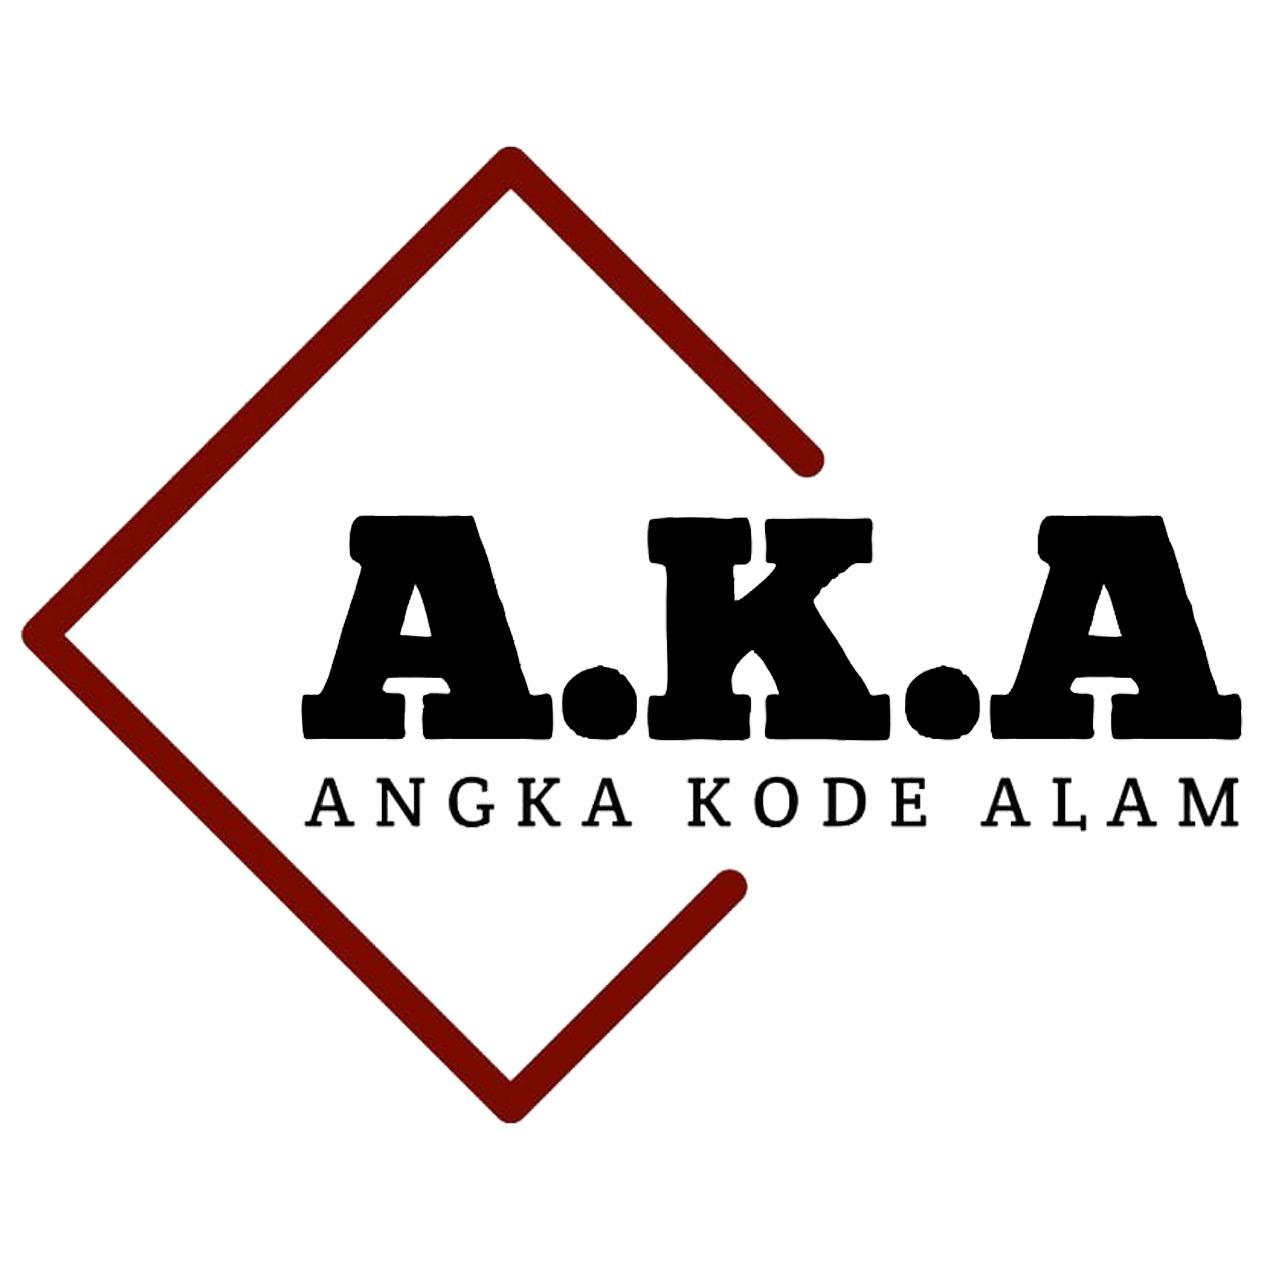 Angka Kode  (@angkakodealam) Cover Image